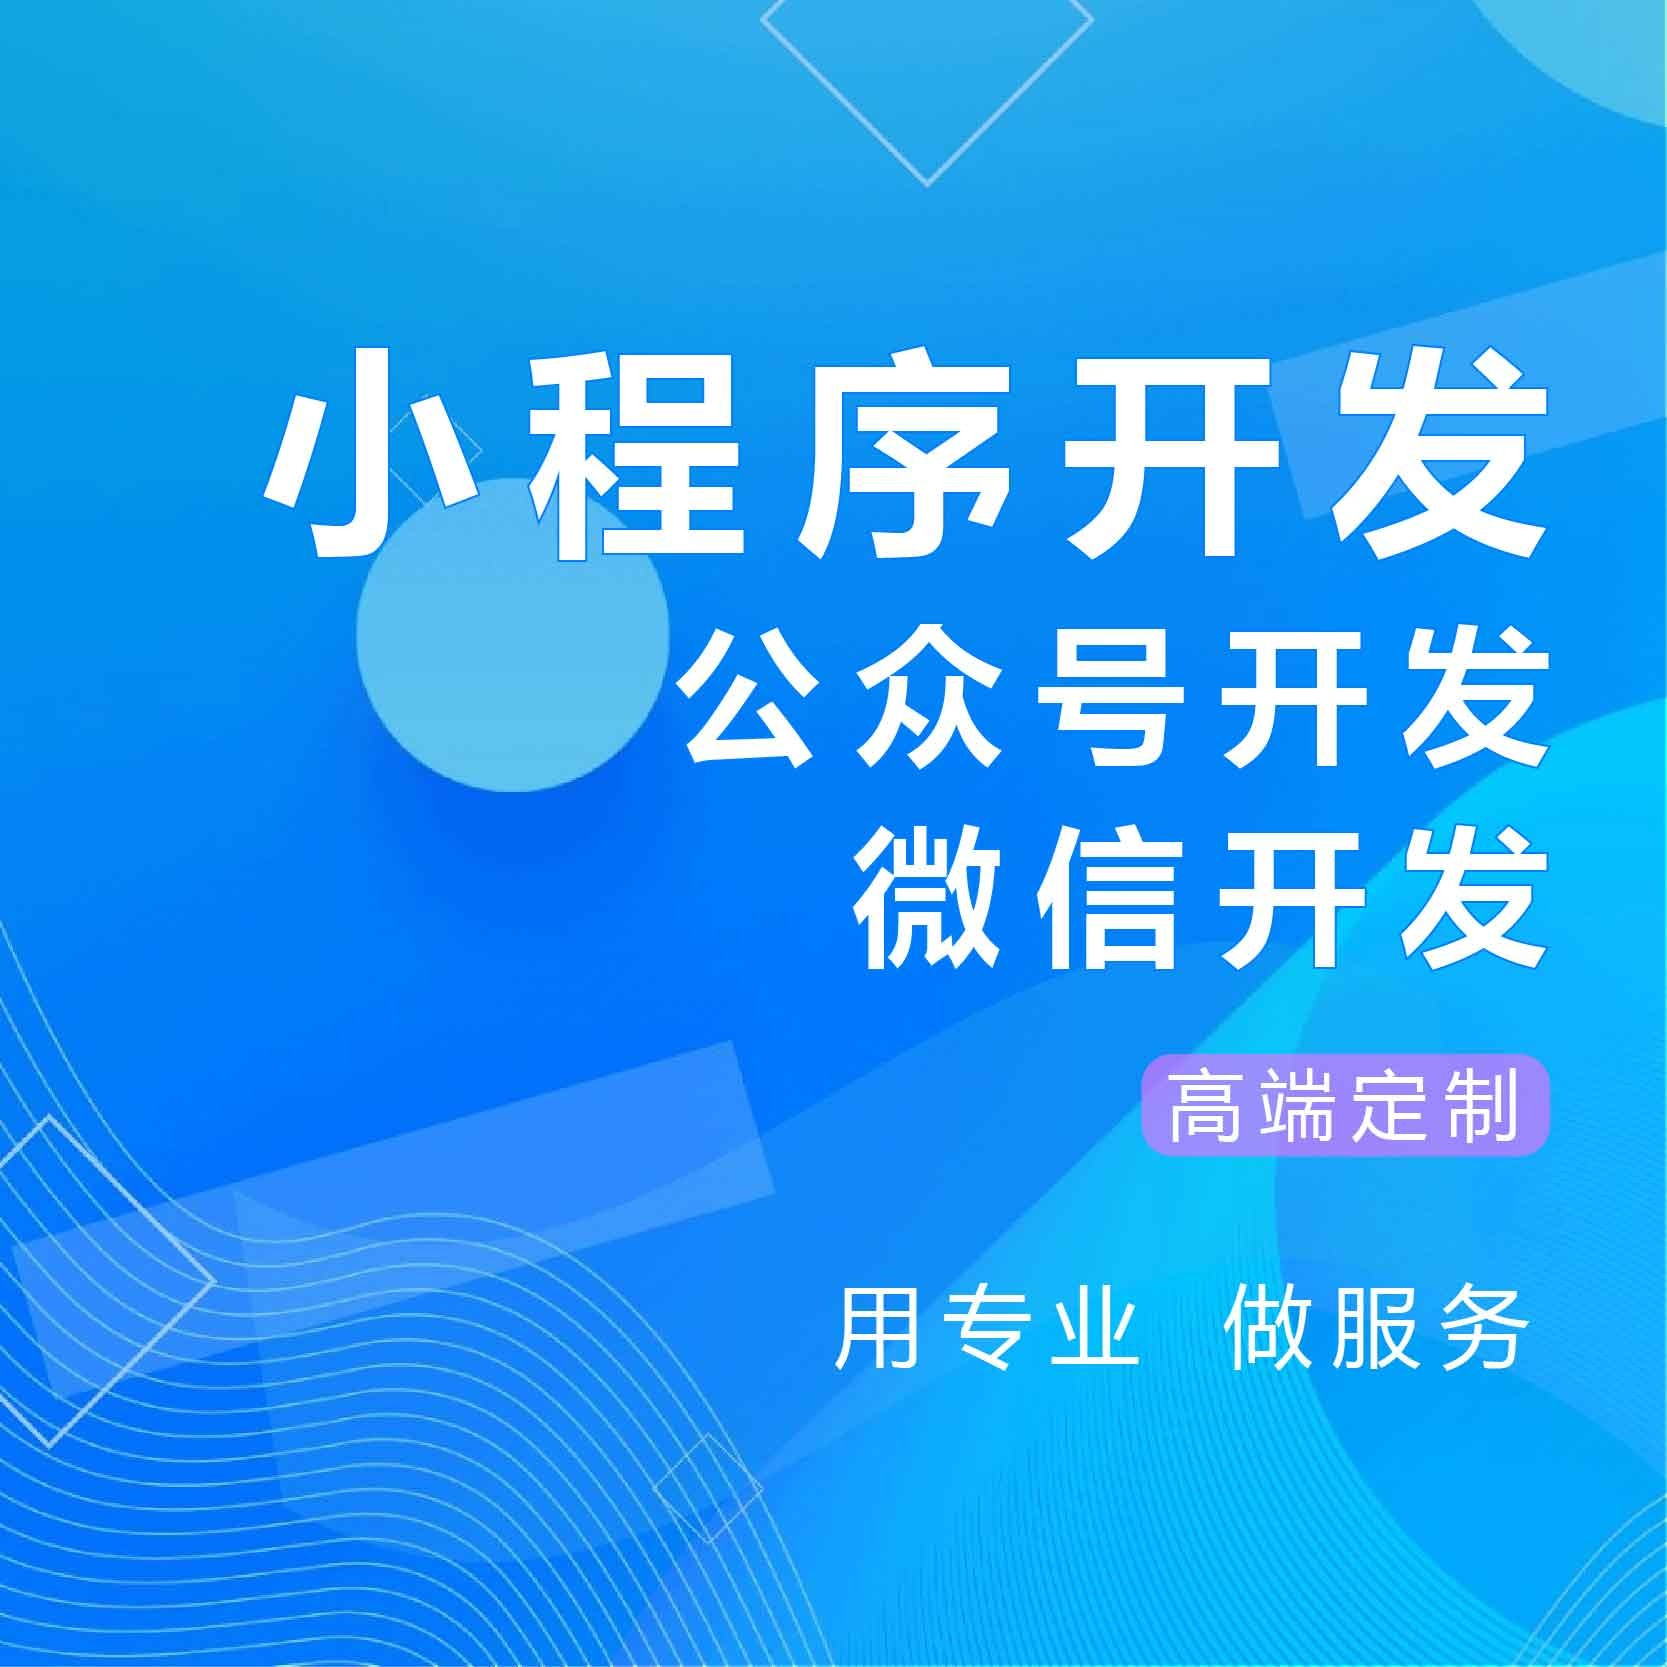 微信公众号小程序开发微商城党务管理平台学习考试平台医院预约